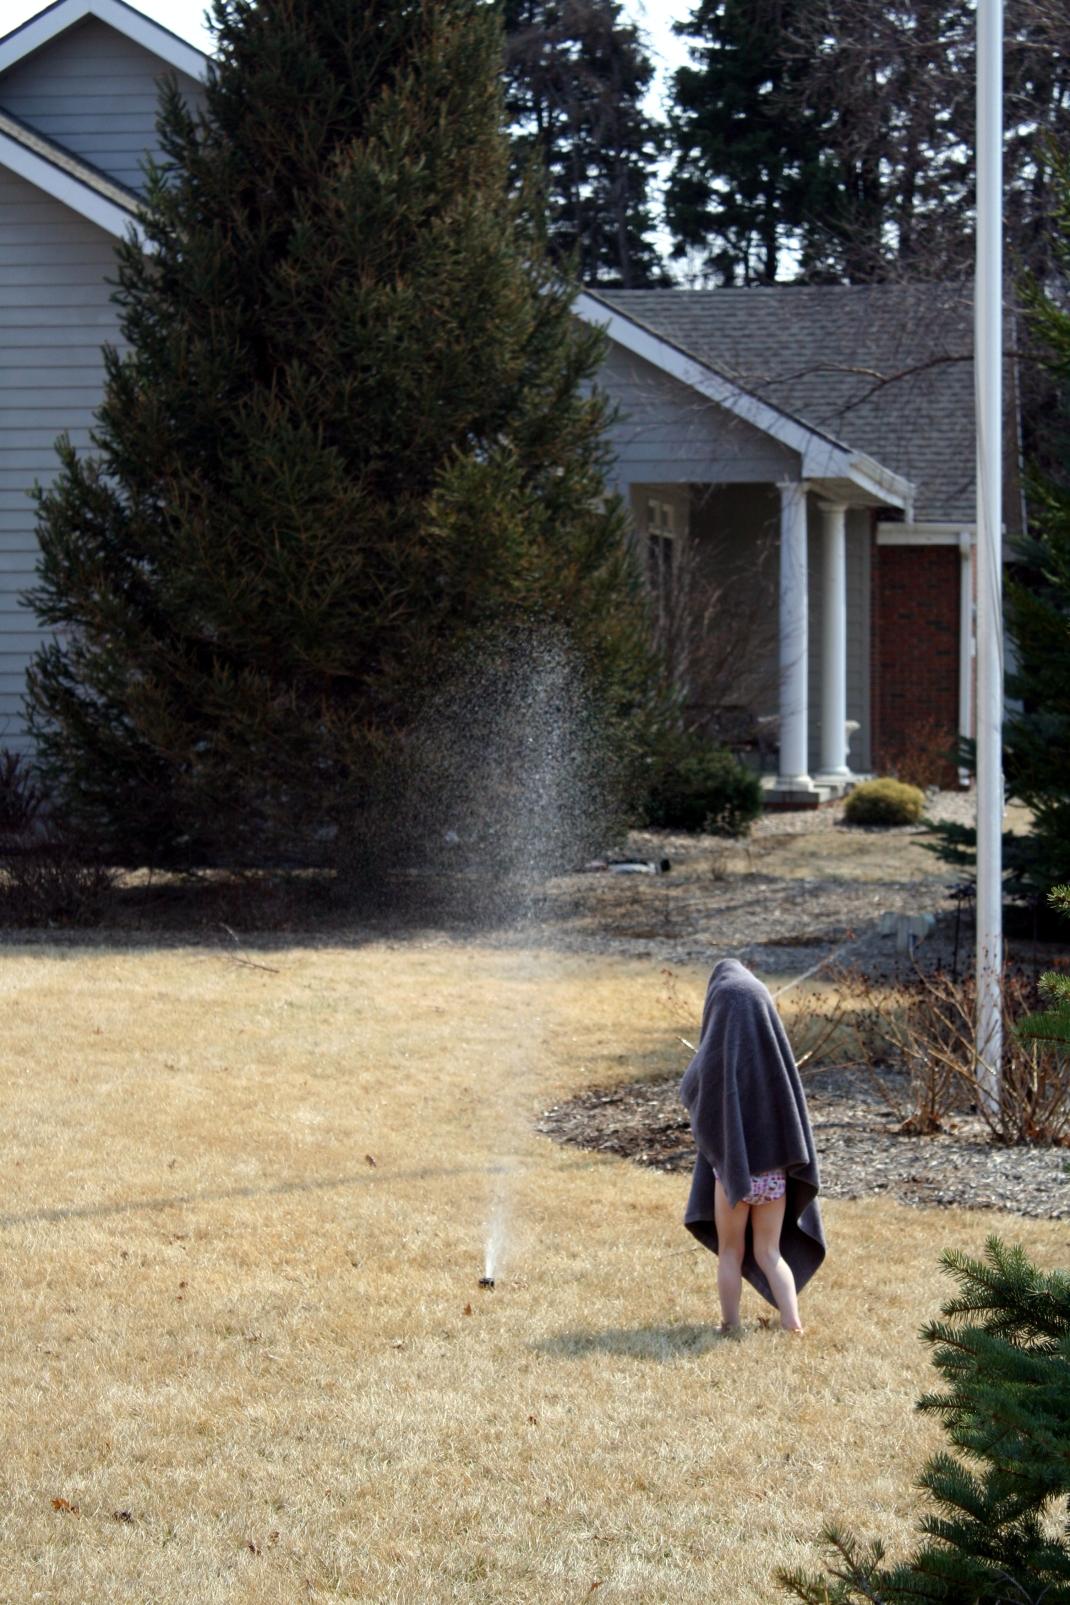 SprinklerTowel